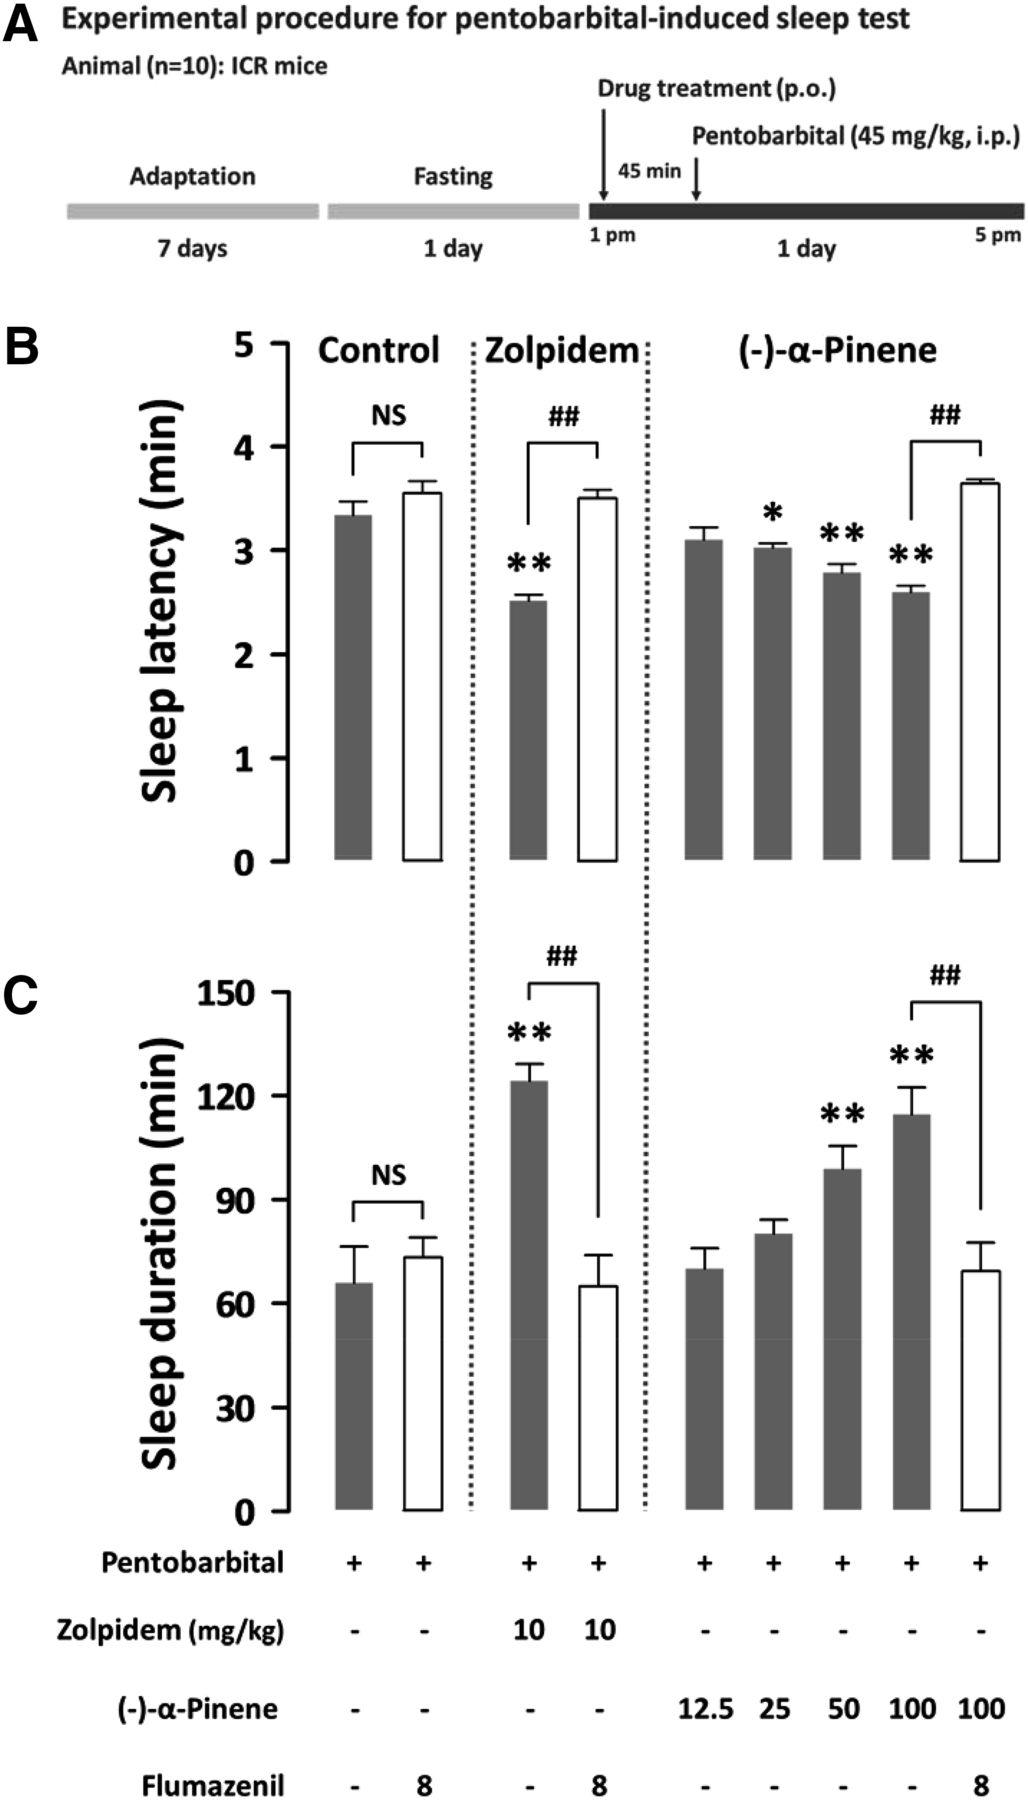 α-Pinene, a Major Constituent of Pine Tree Oils, Enhances